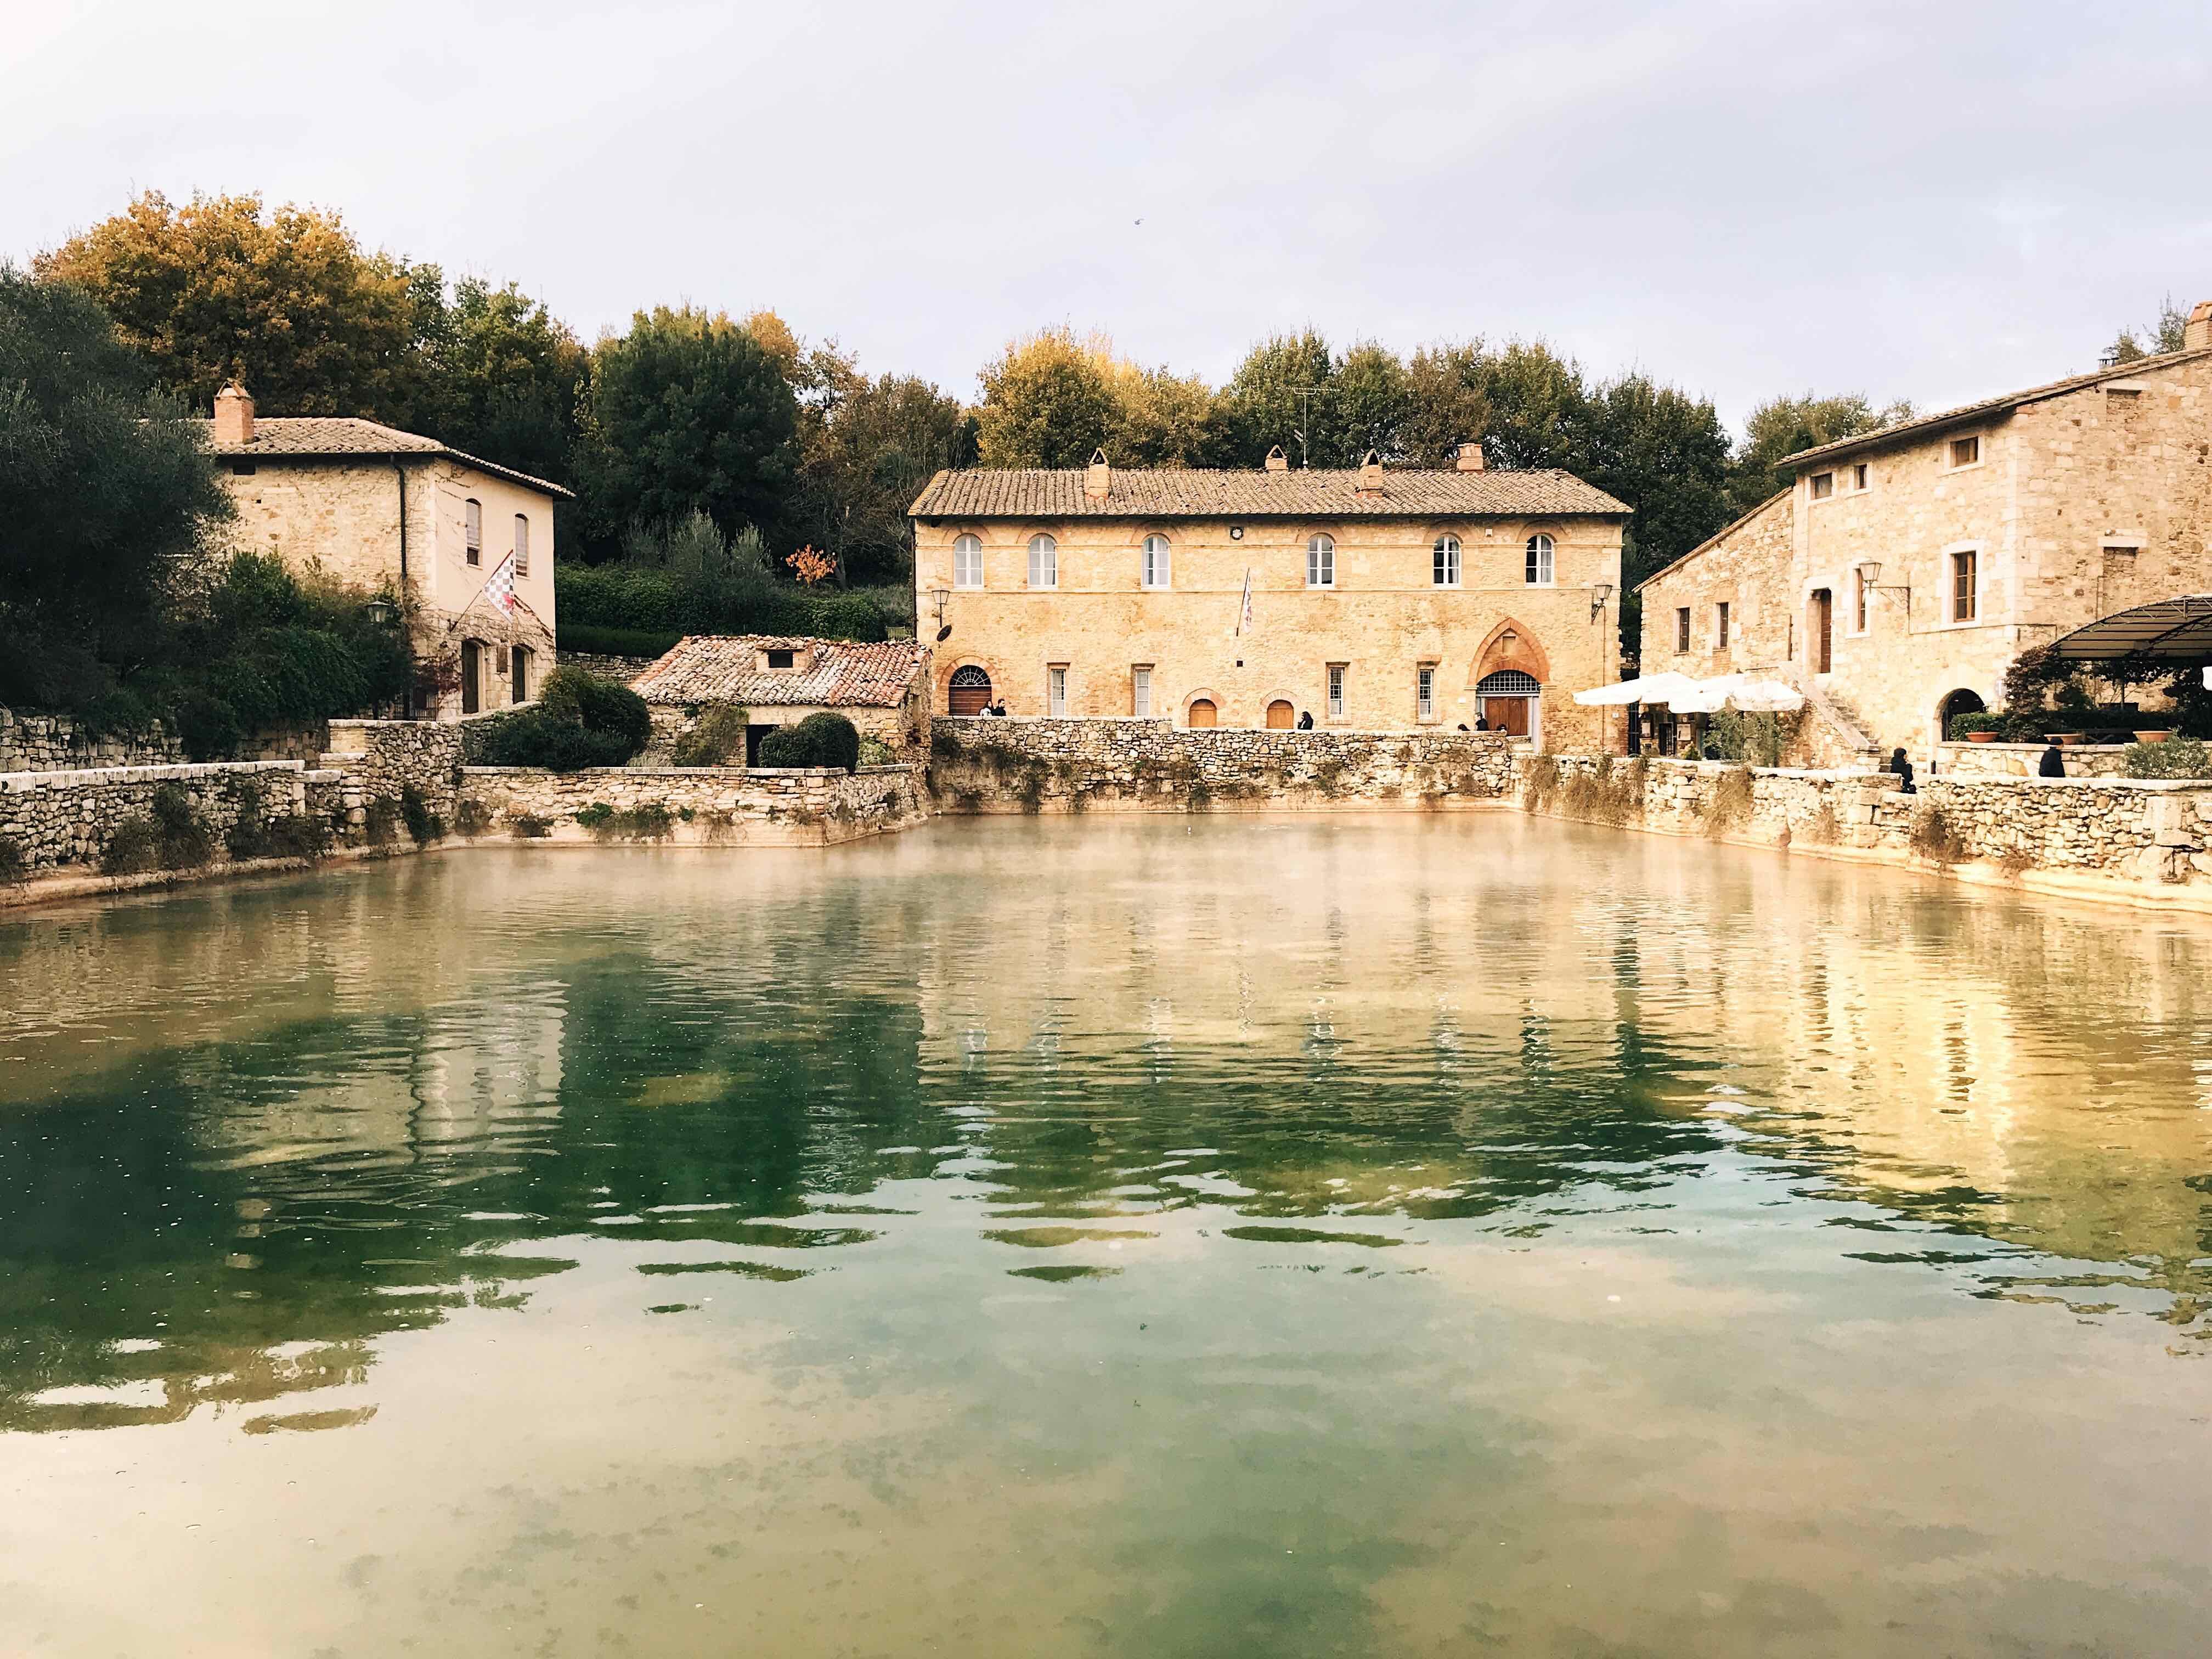 Visita ai luoghi più belli della Toscana: Bagno Vignoni